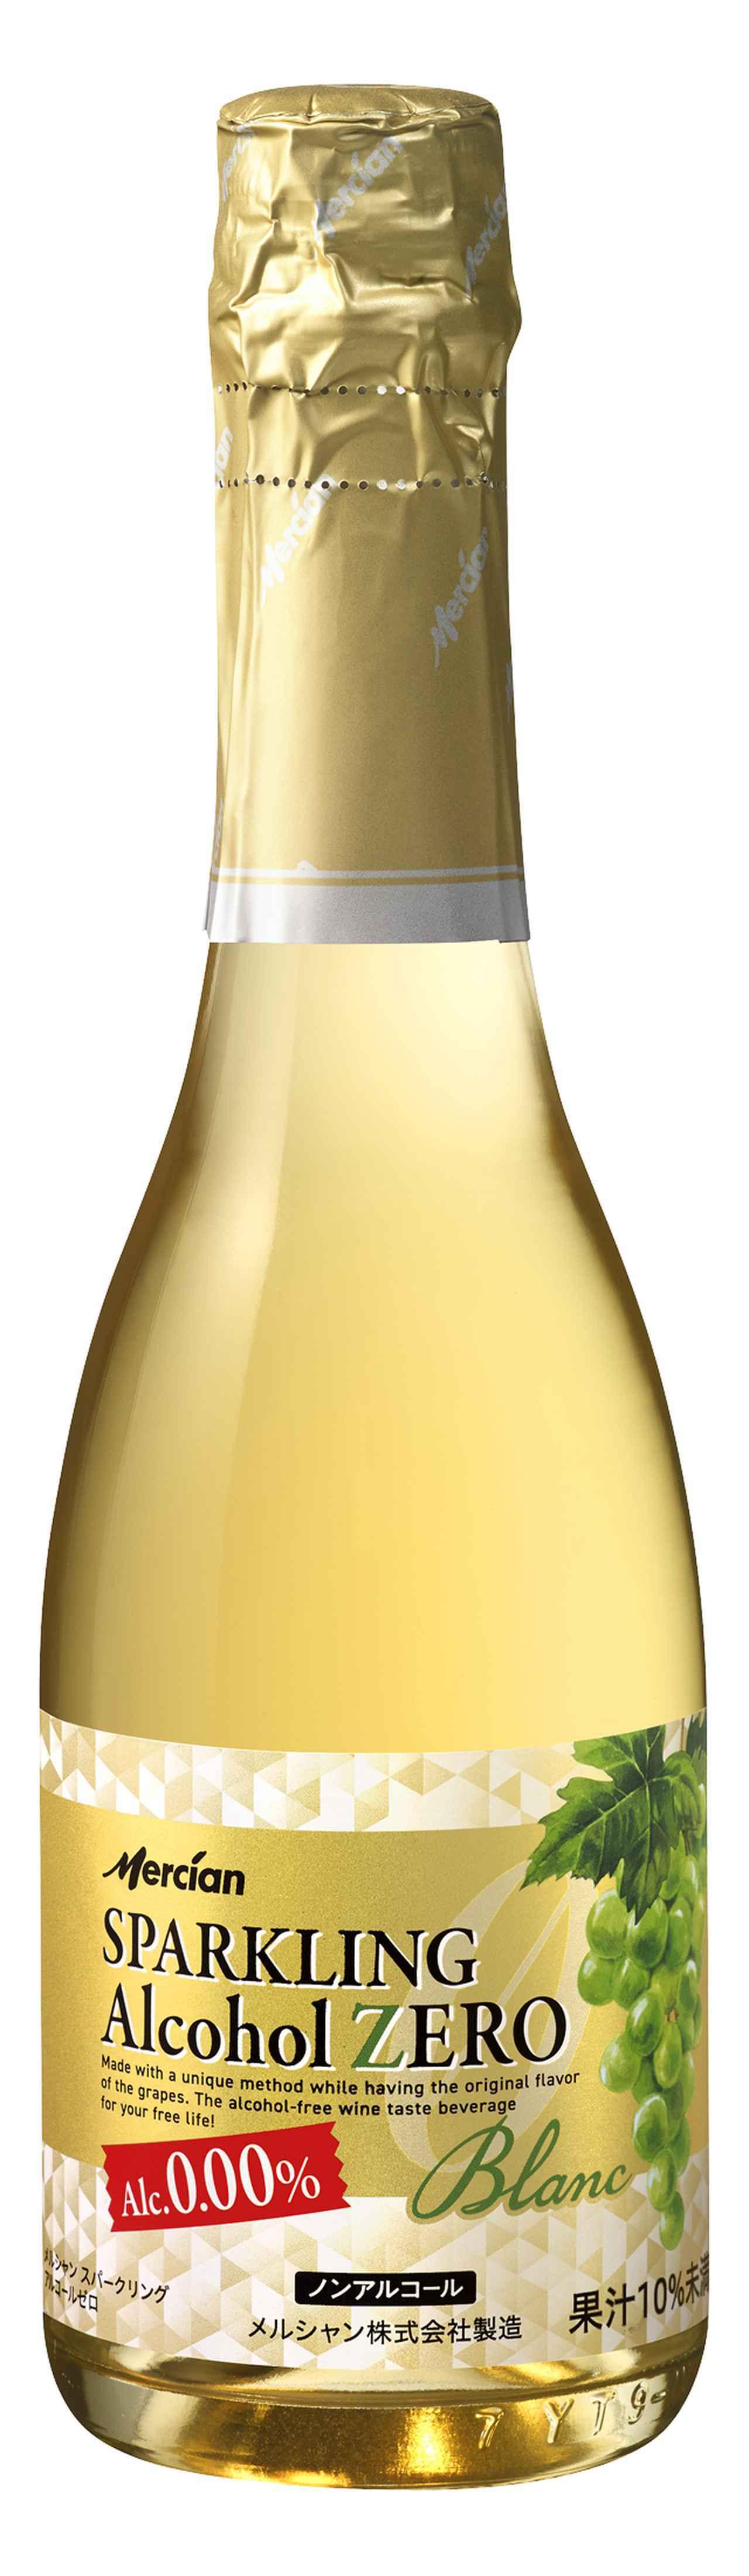 画像2: ワイン冷えてます おうちでぜひ! ~その1「冷やして美味しいワイン編」~